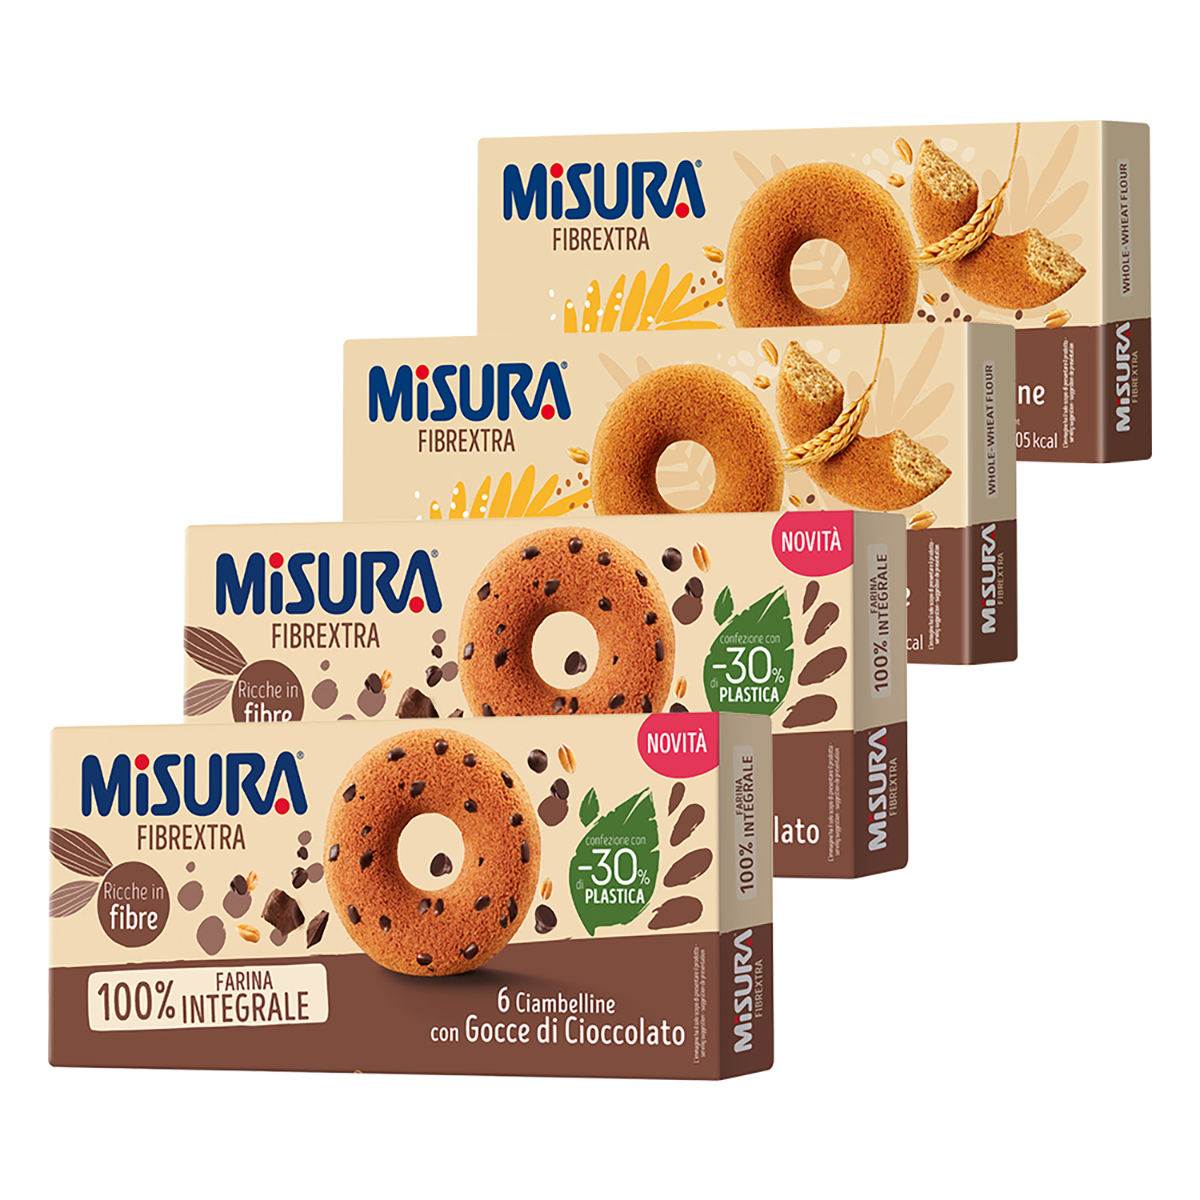 미주라 통밀도넛츠 230g x 2p + 초코칩 통밀 도넛츠 230g x 2p, 1세트